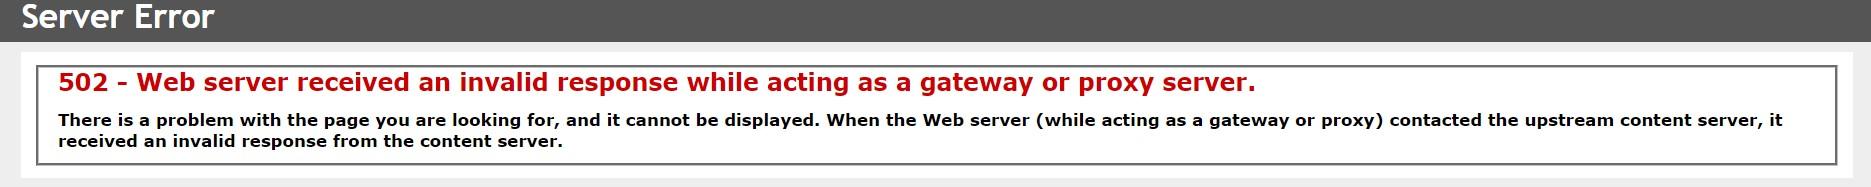 HTTP 502